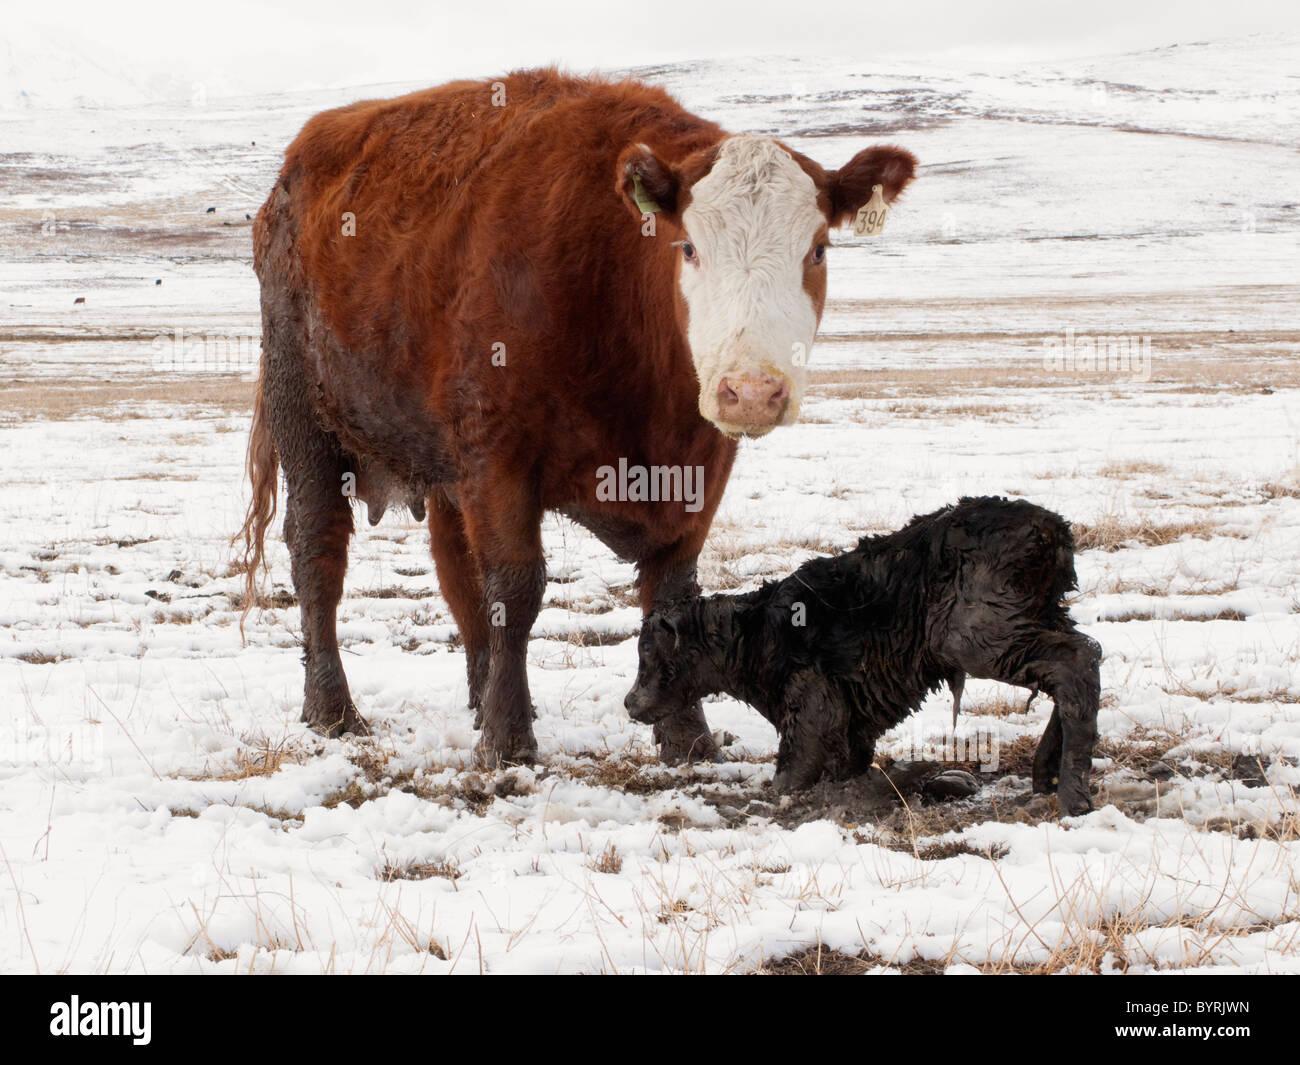 Una cruz Hereford vaca representa más de su ternero recién nacido, que se esfuerza para presentarse por primera vez en una pradera cubierta de nieve / Canadá Foto de stock